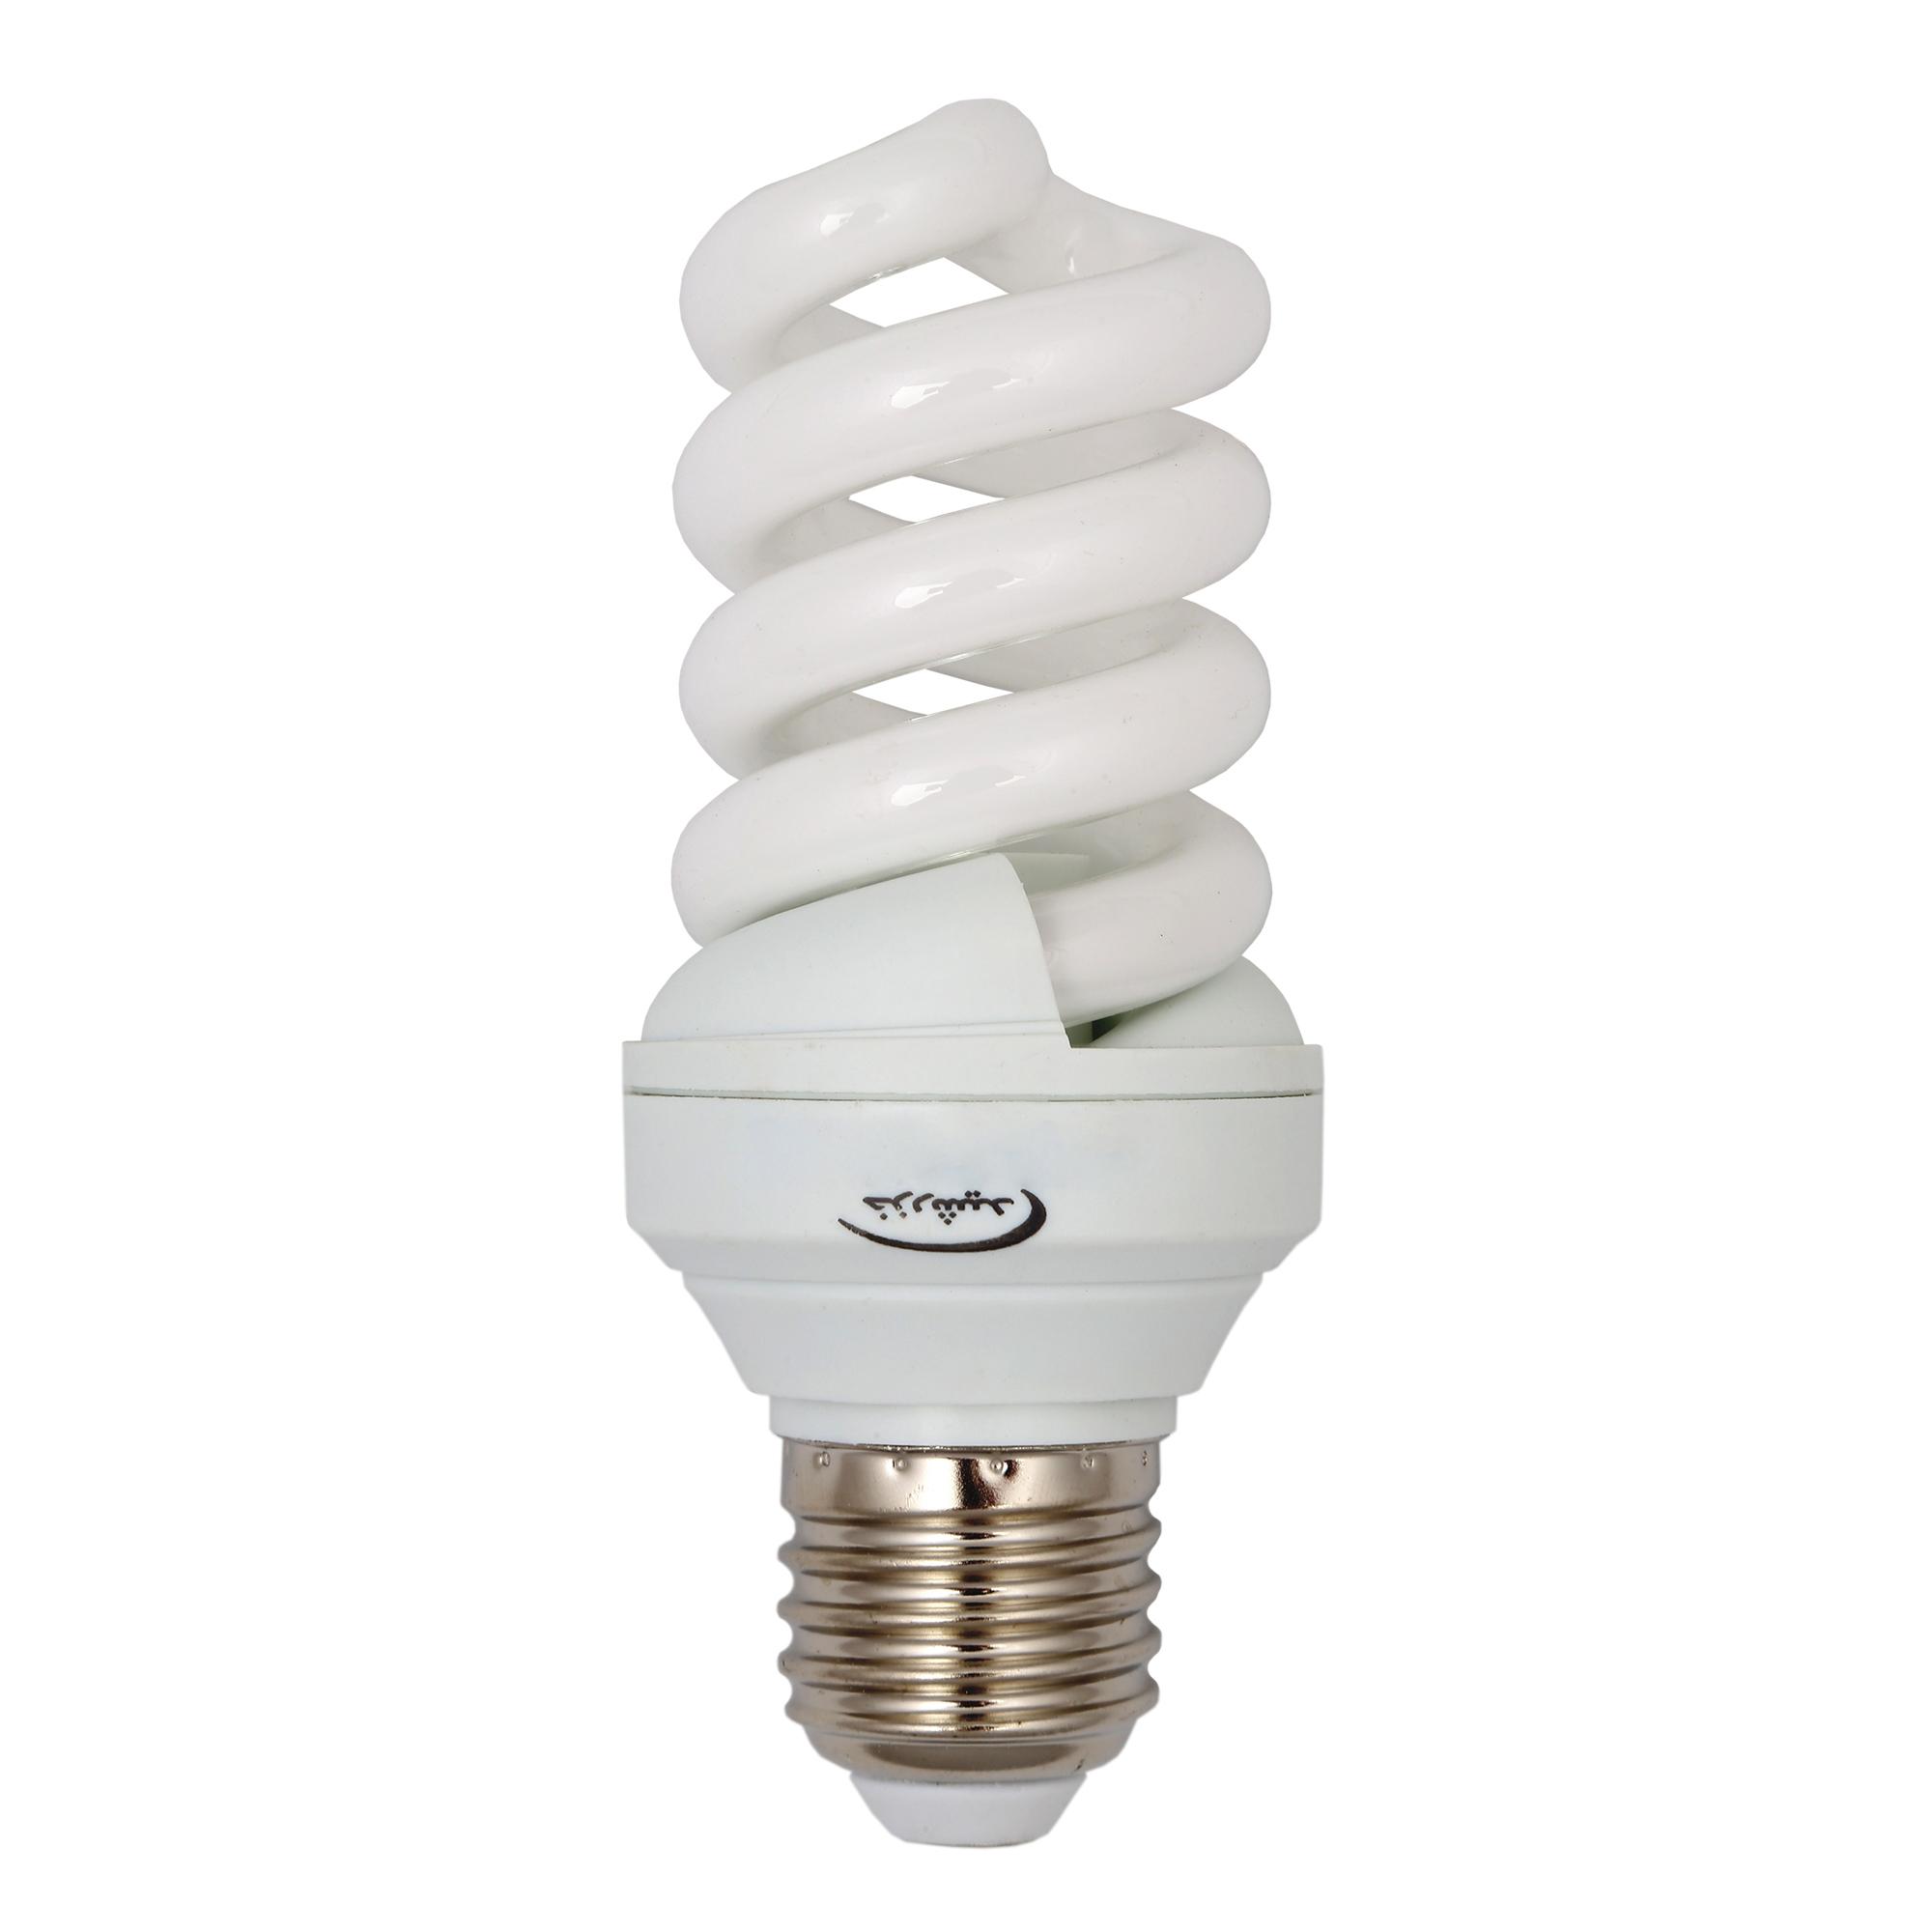 لامپ 15 وات خزرشید مدل01 پایه E27